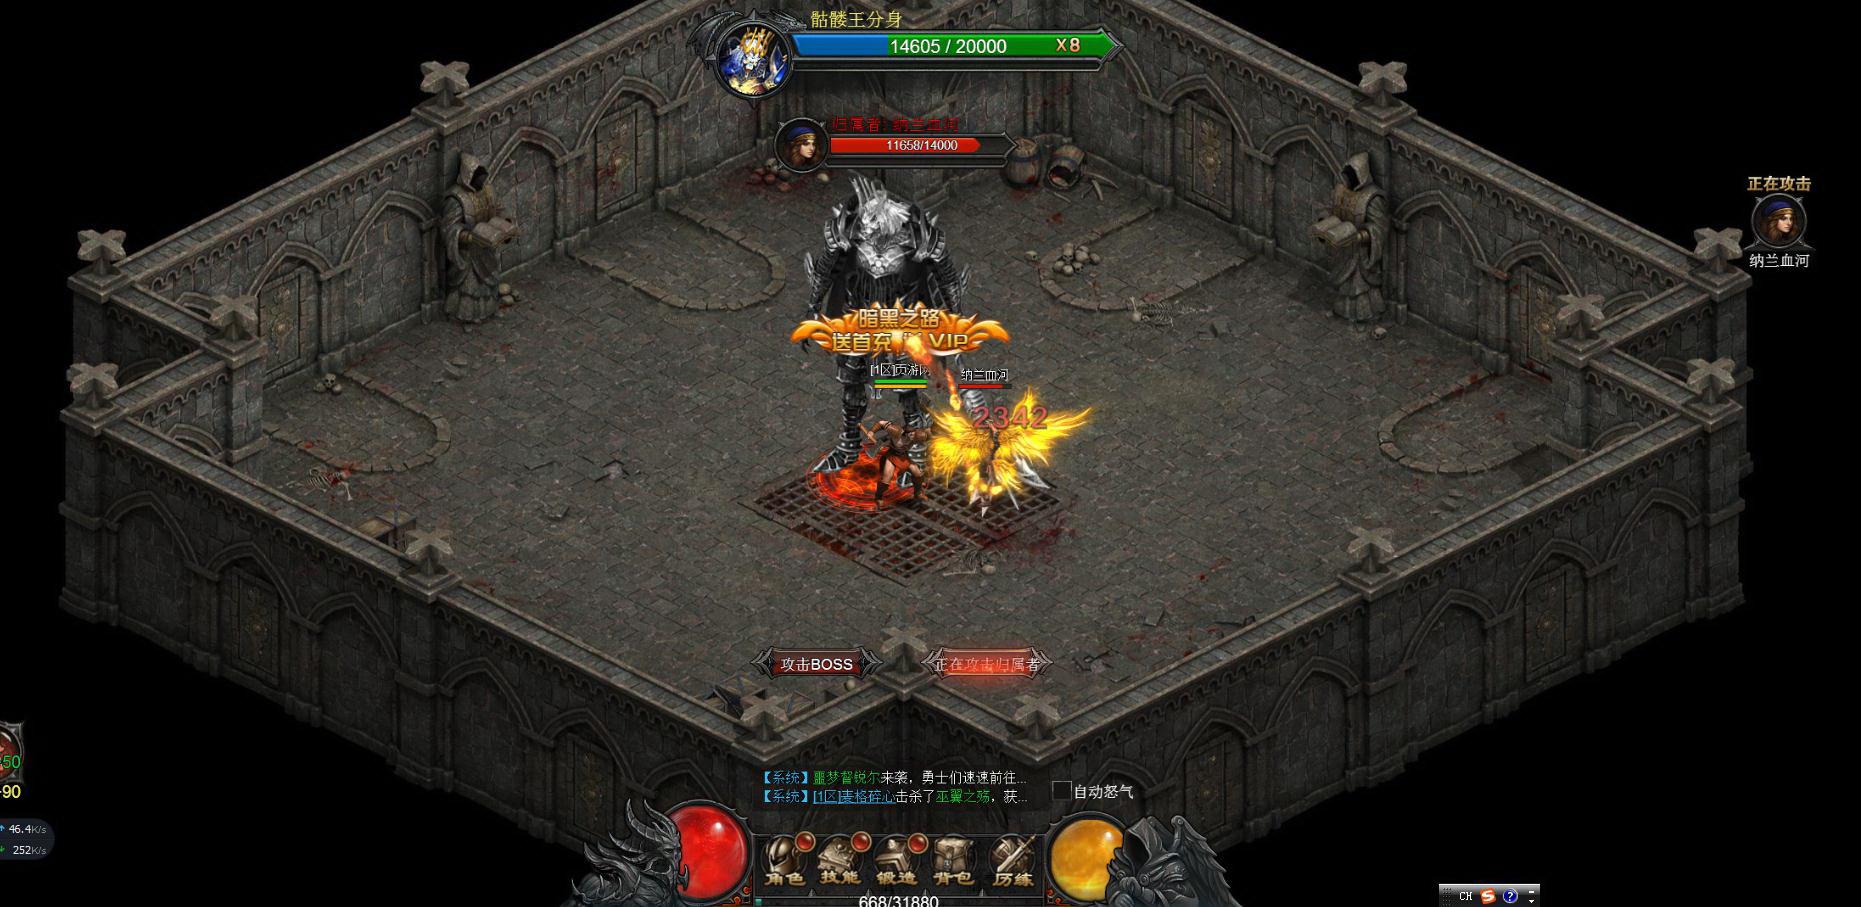 《黑暗轮回H5》游戏截图